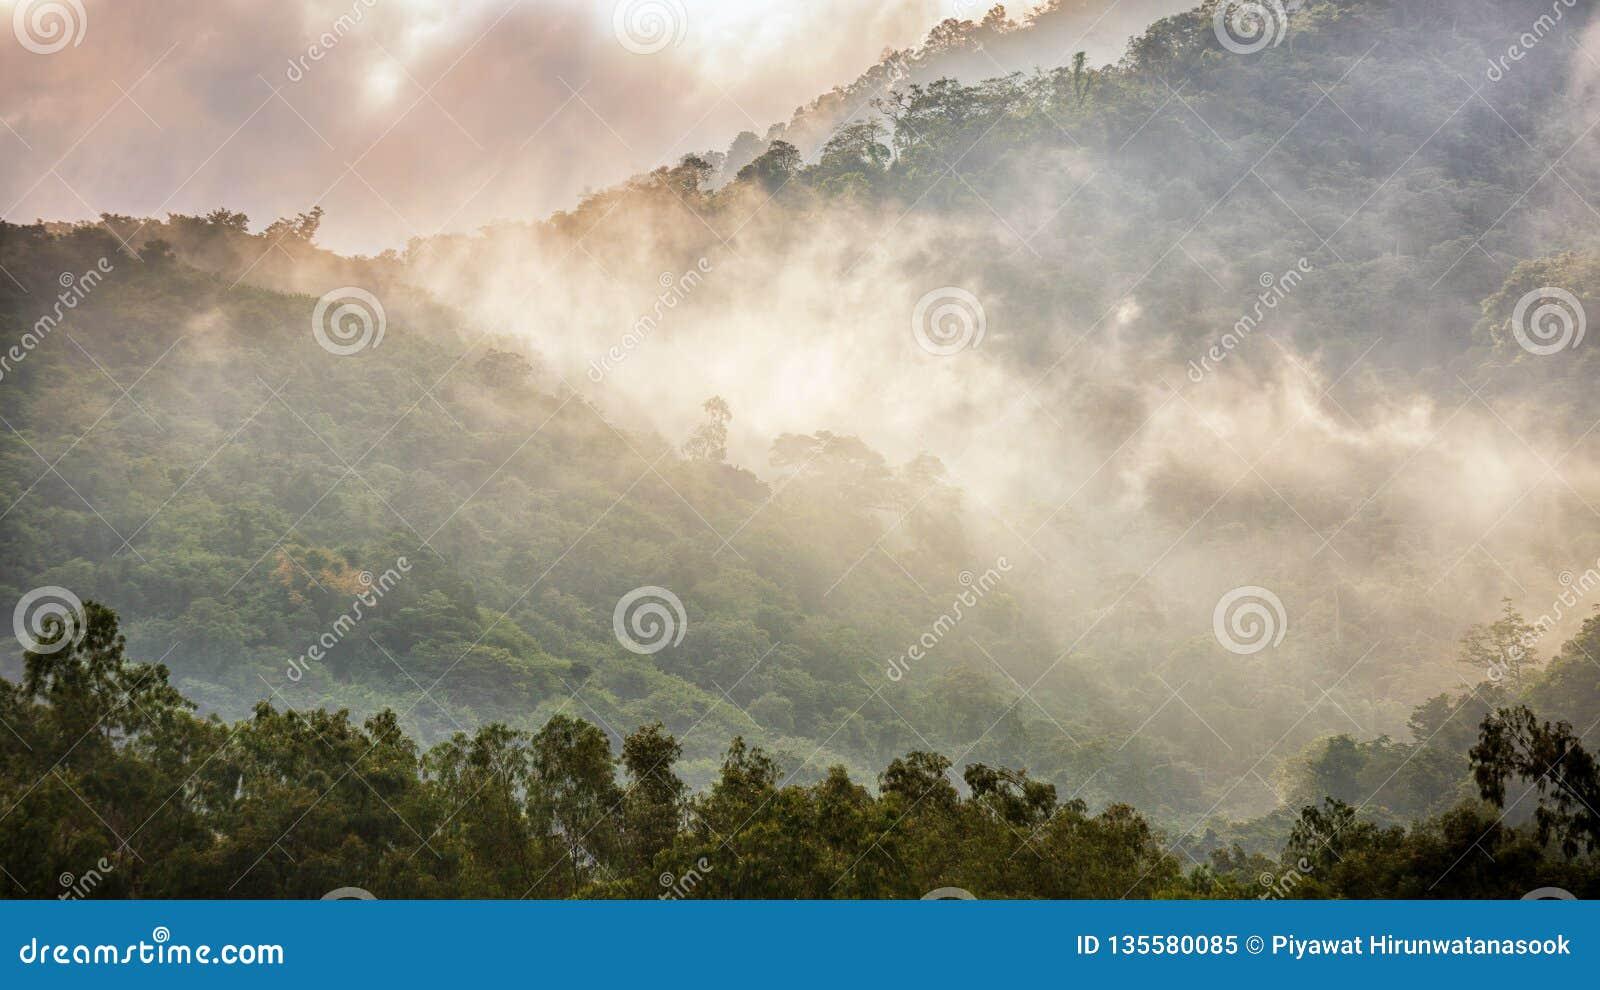 éclat de lumière du soleil sur le brouillard sur la chaîne de montagne